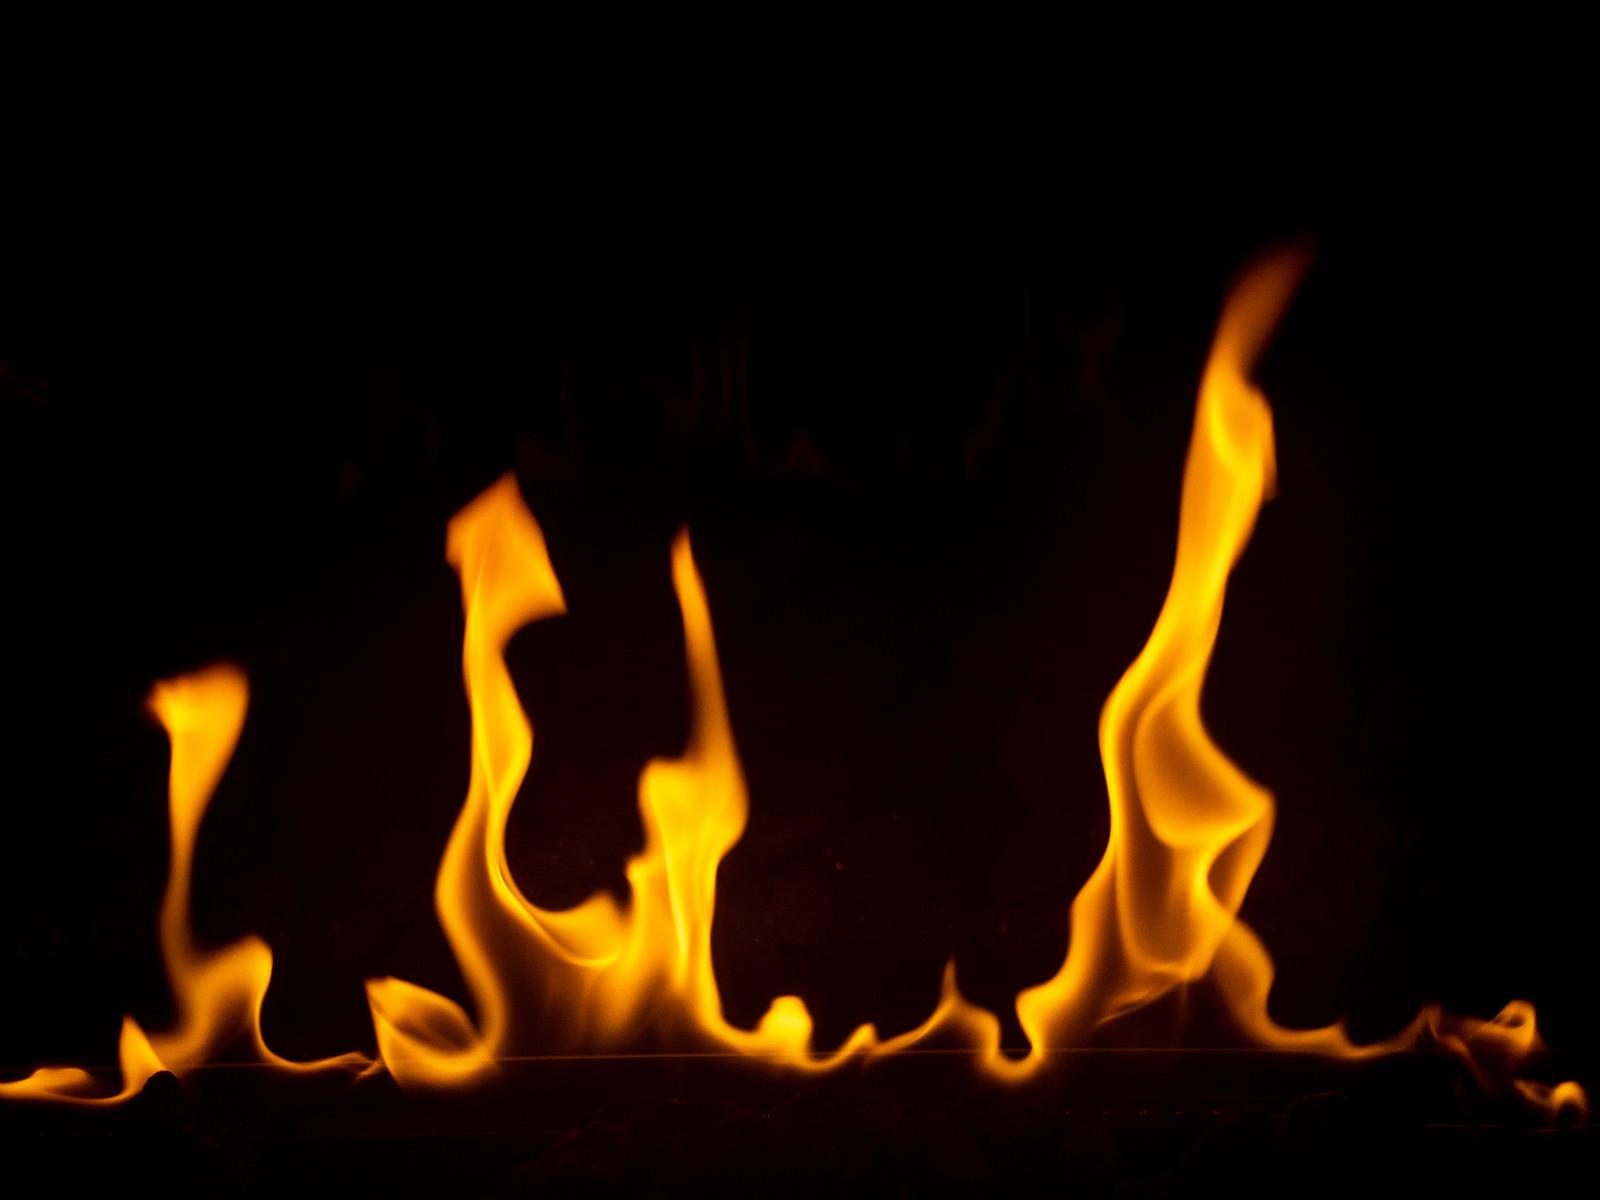 「勢いよく炎を燃え上がる」の写真